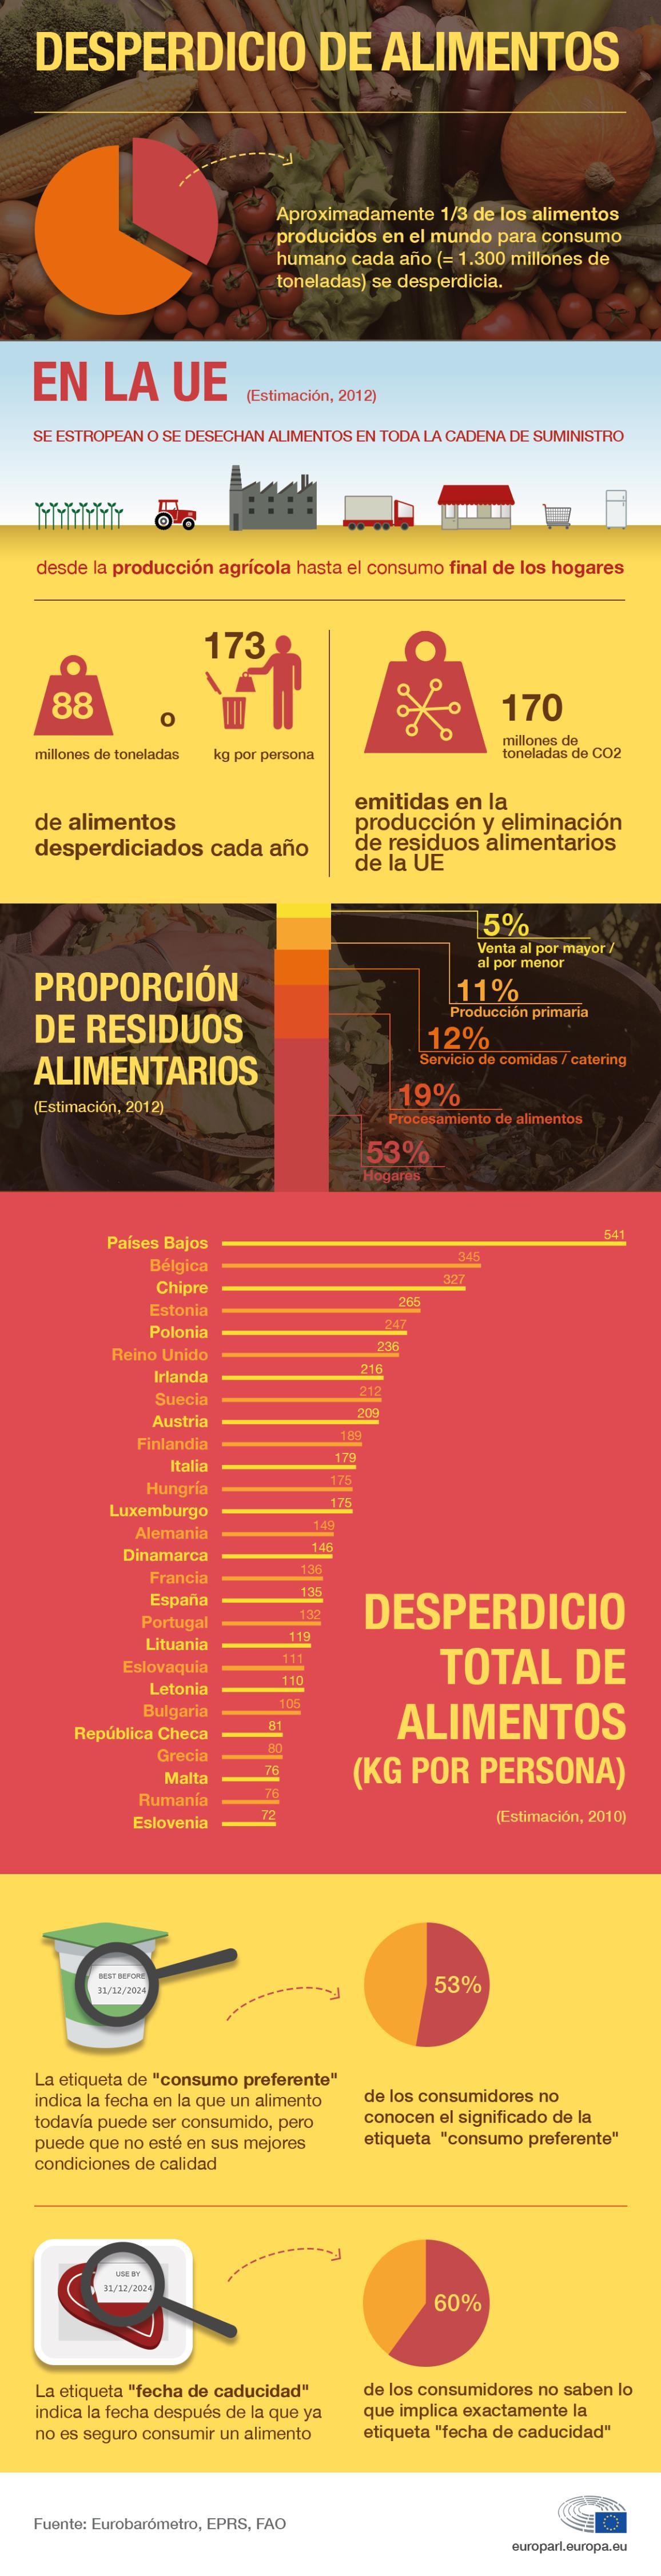 Infografía: cifras del desperdicio de alimentos en la UE